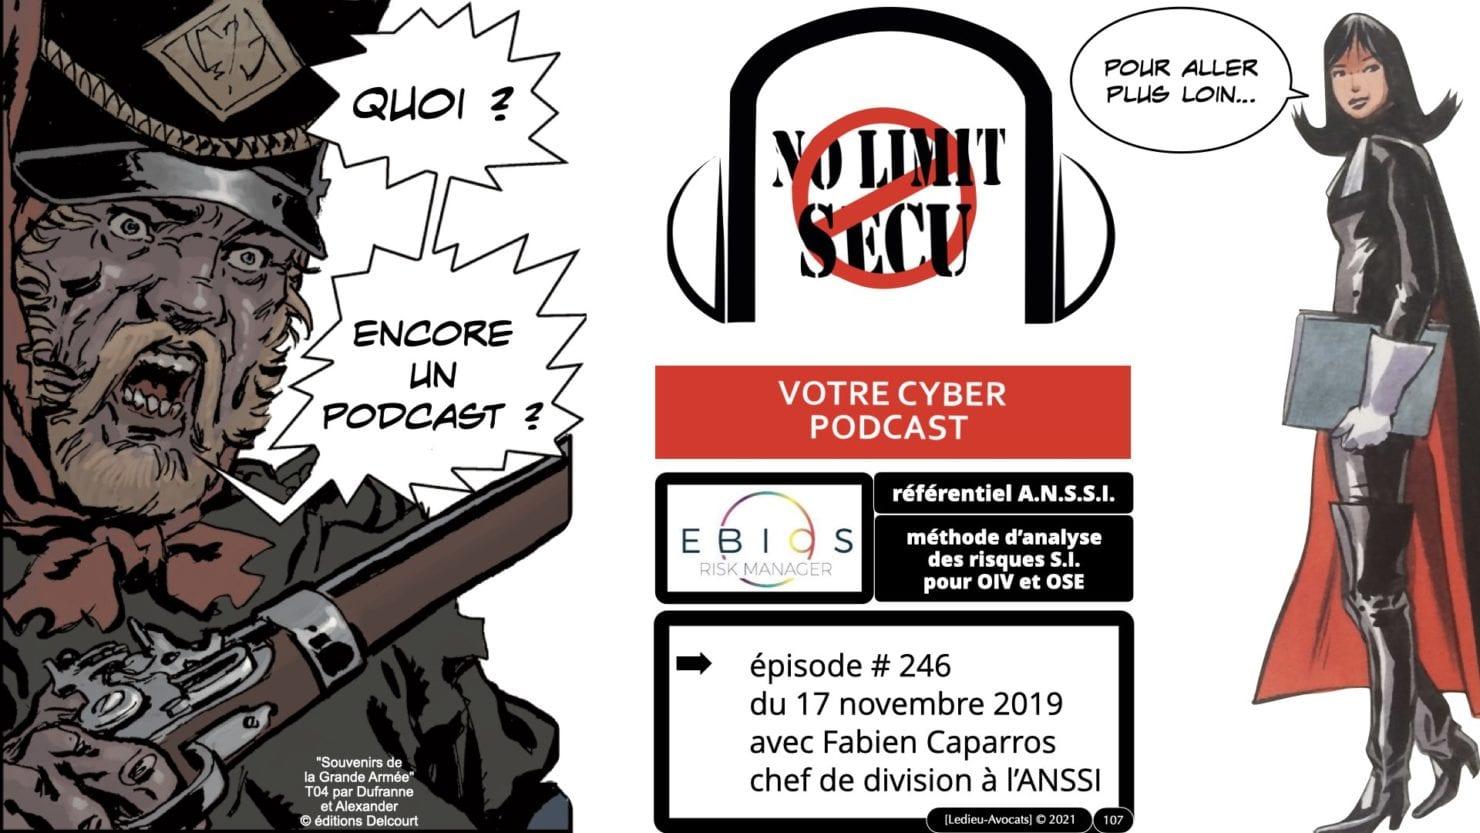 342 cyber sécurité #2 OIV OSE analyse risque EBIOS RM © Ledieu-avocat 15-07-2021.107